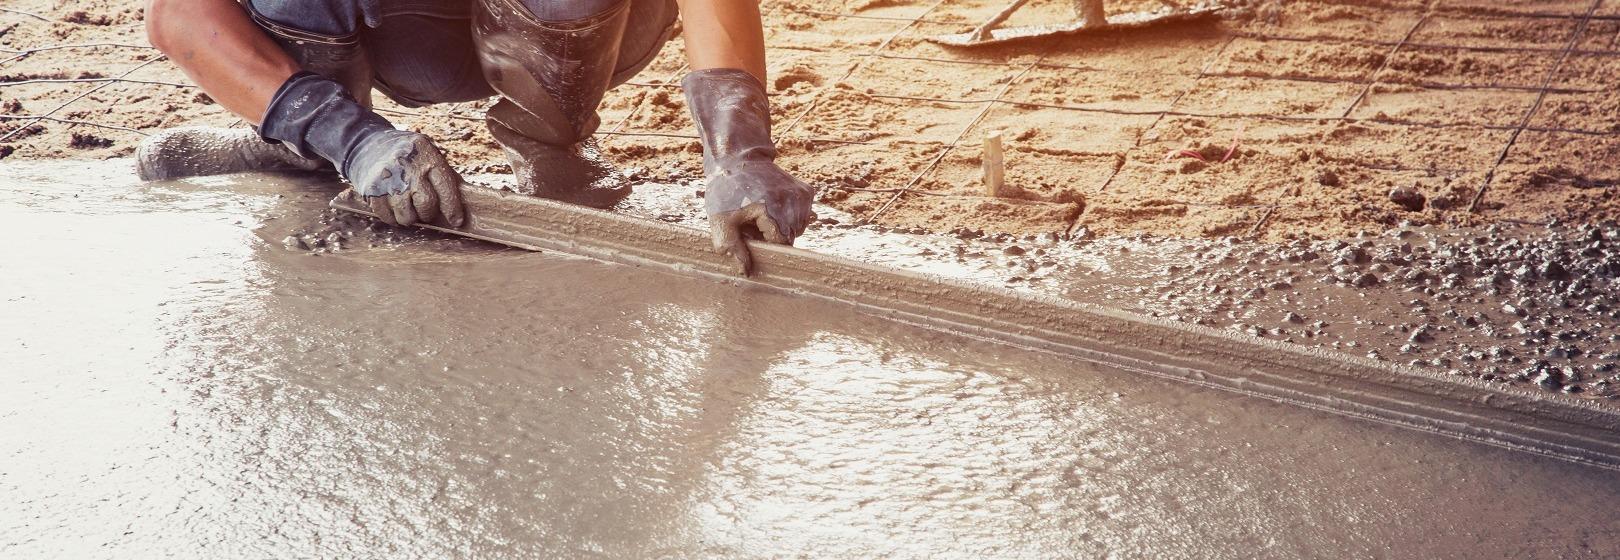 Wylewka betonowa tworzy równe podłoże